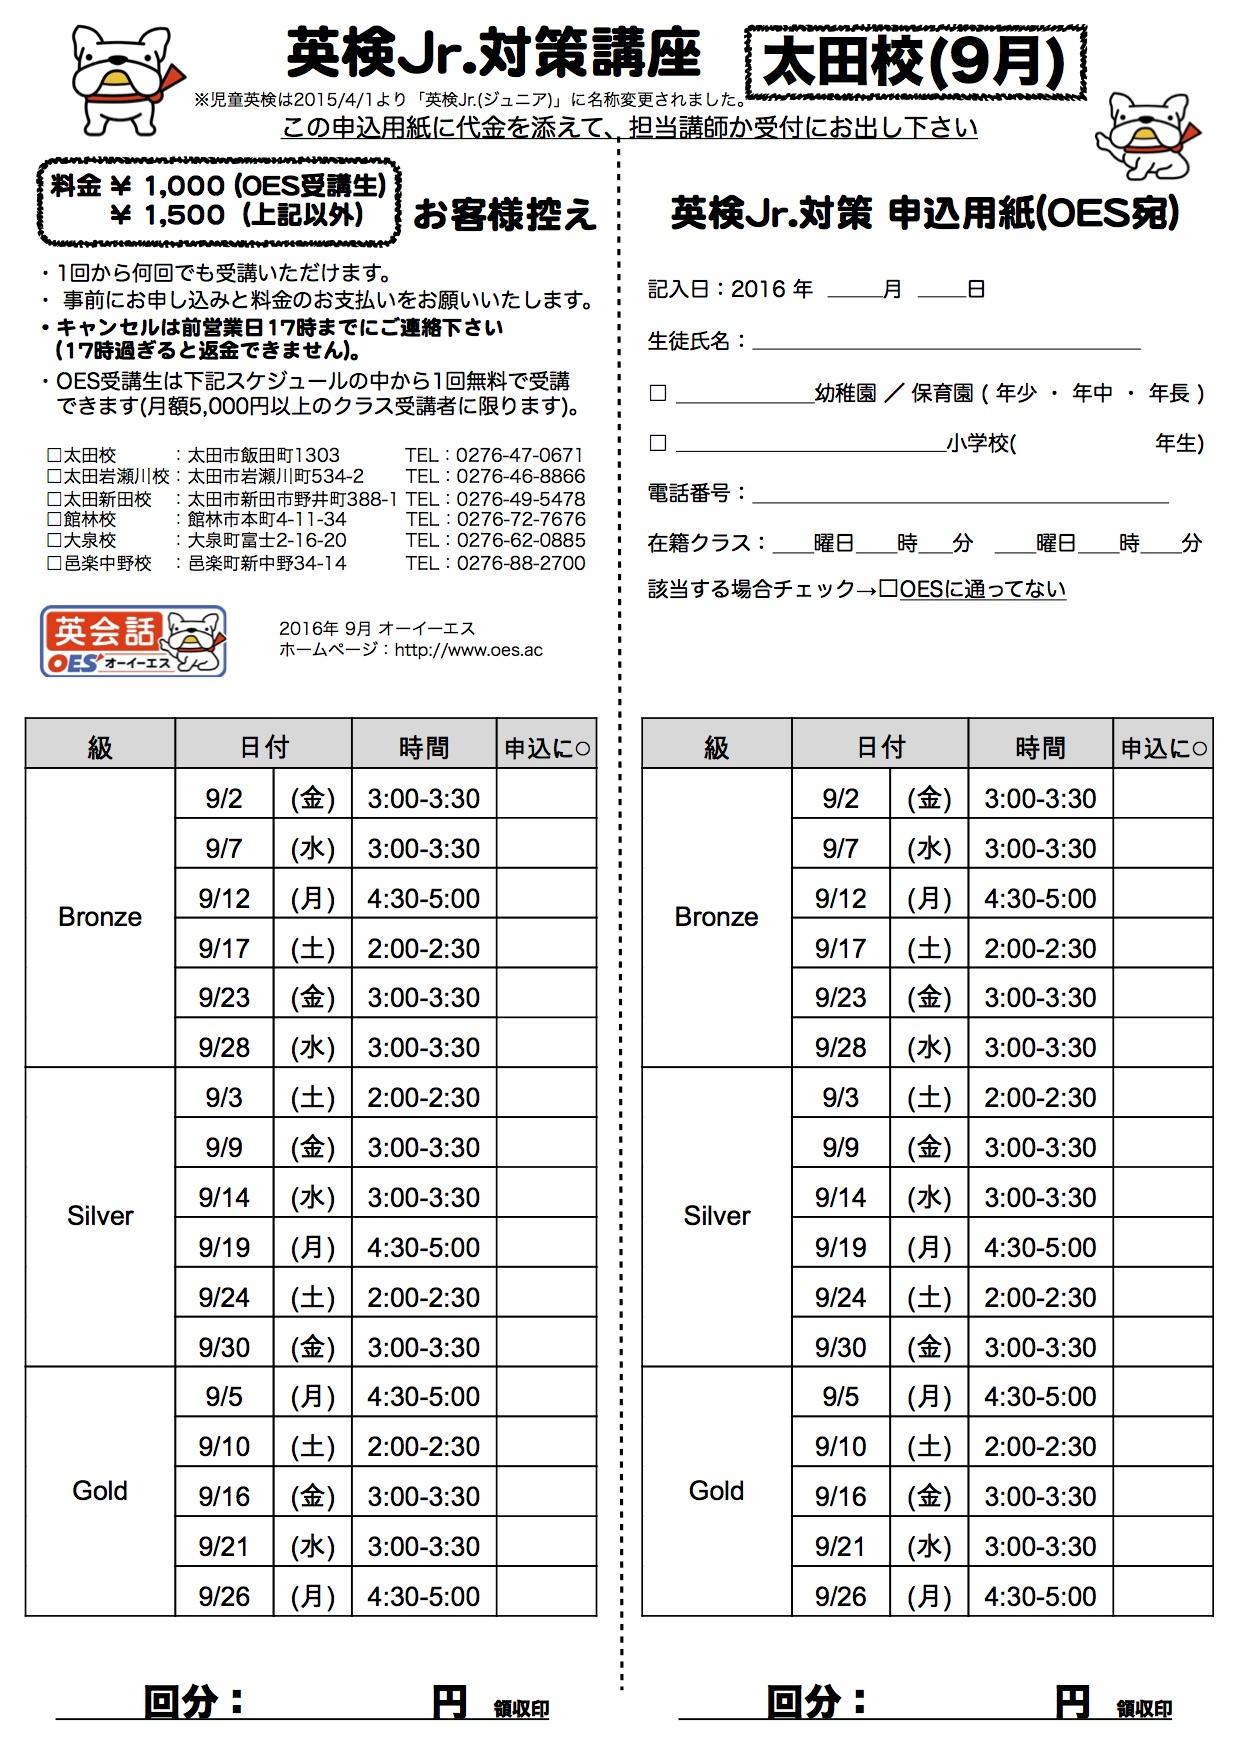 申込用紙 2016-2 太田校 9月